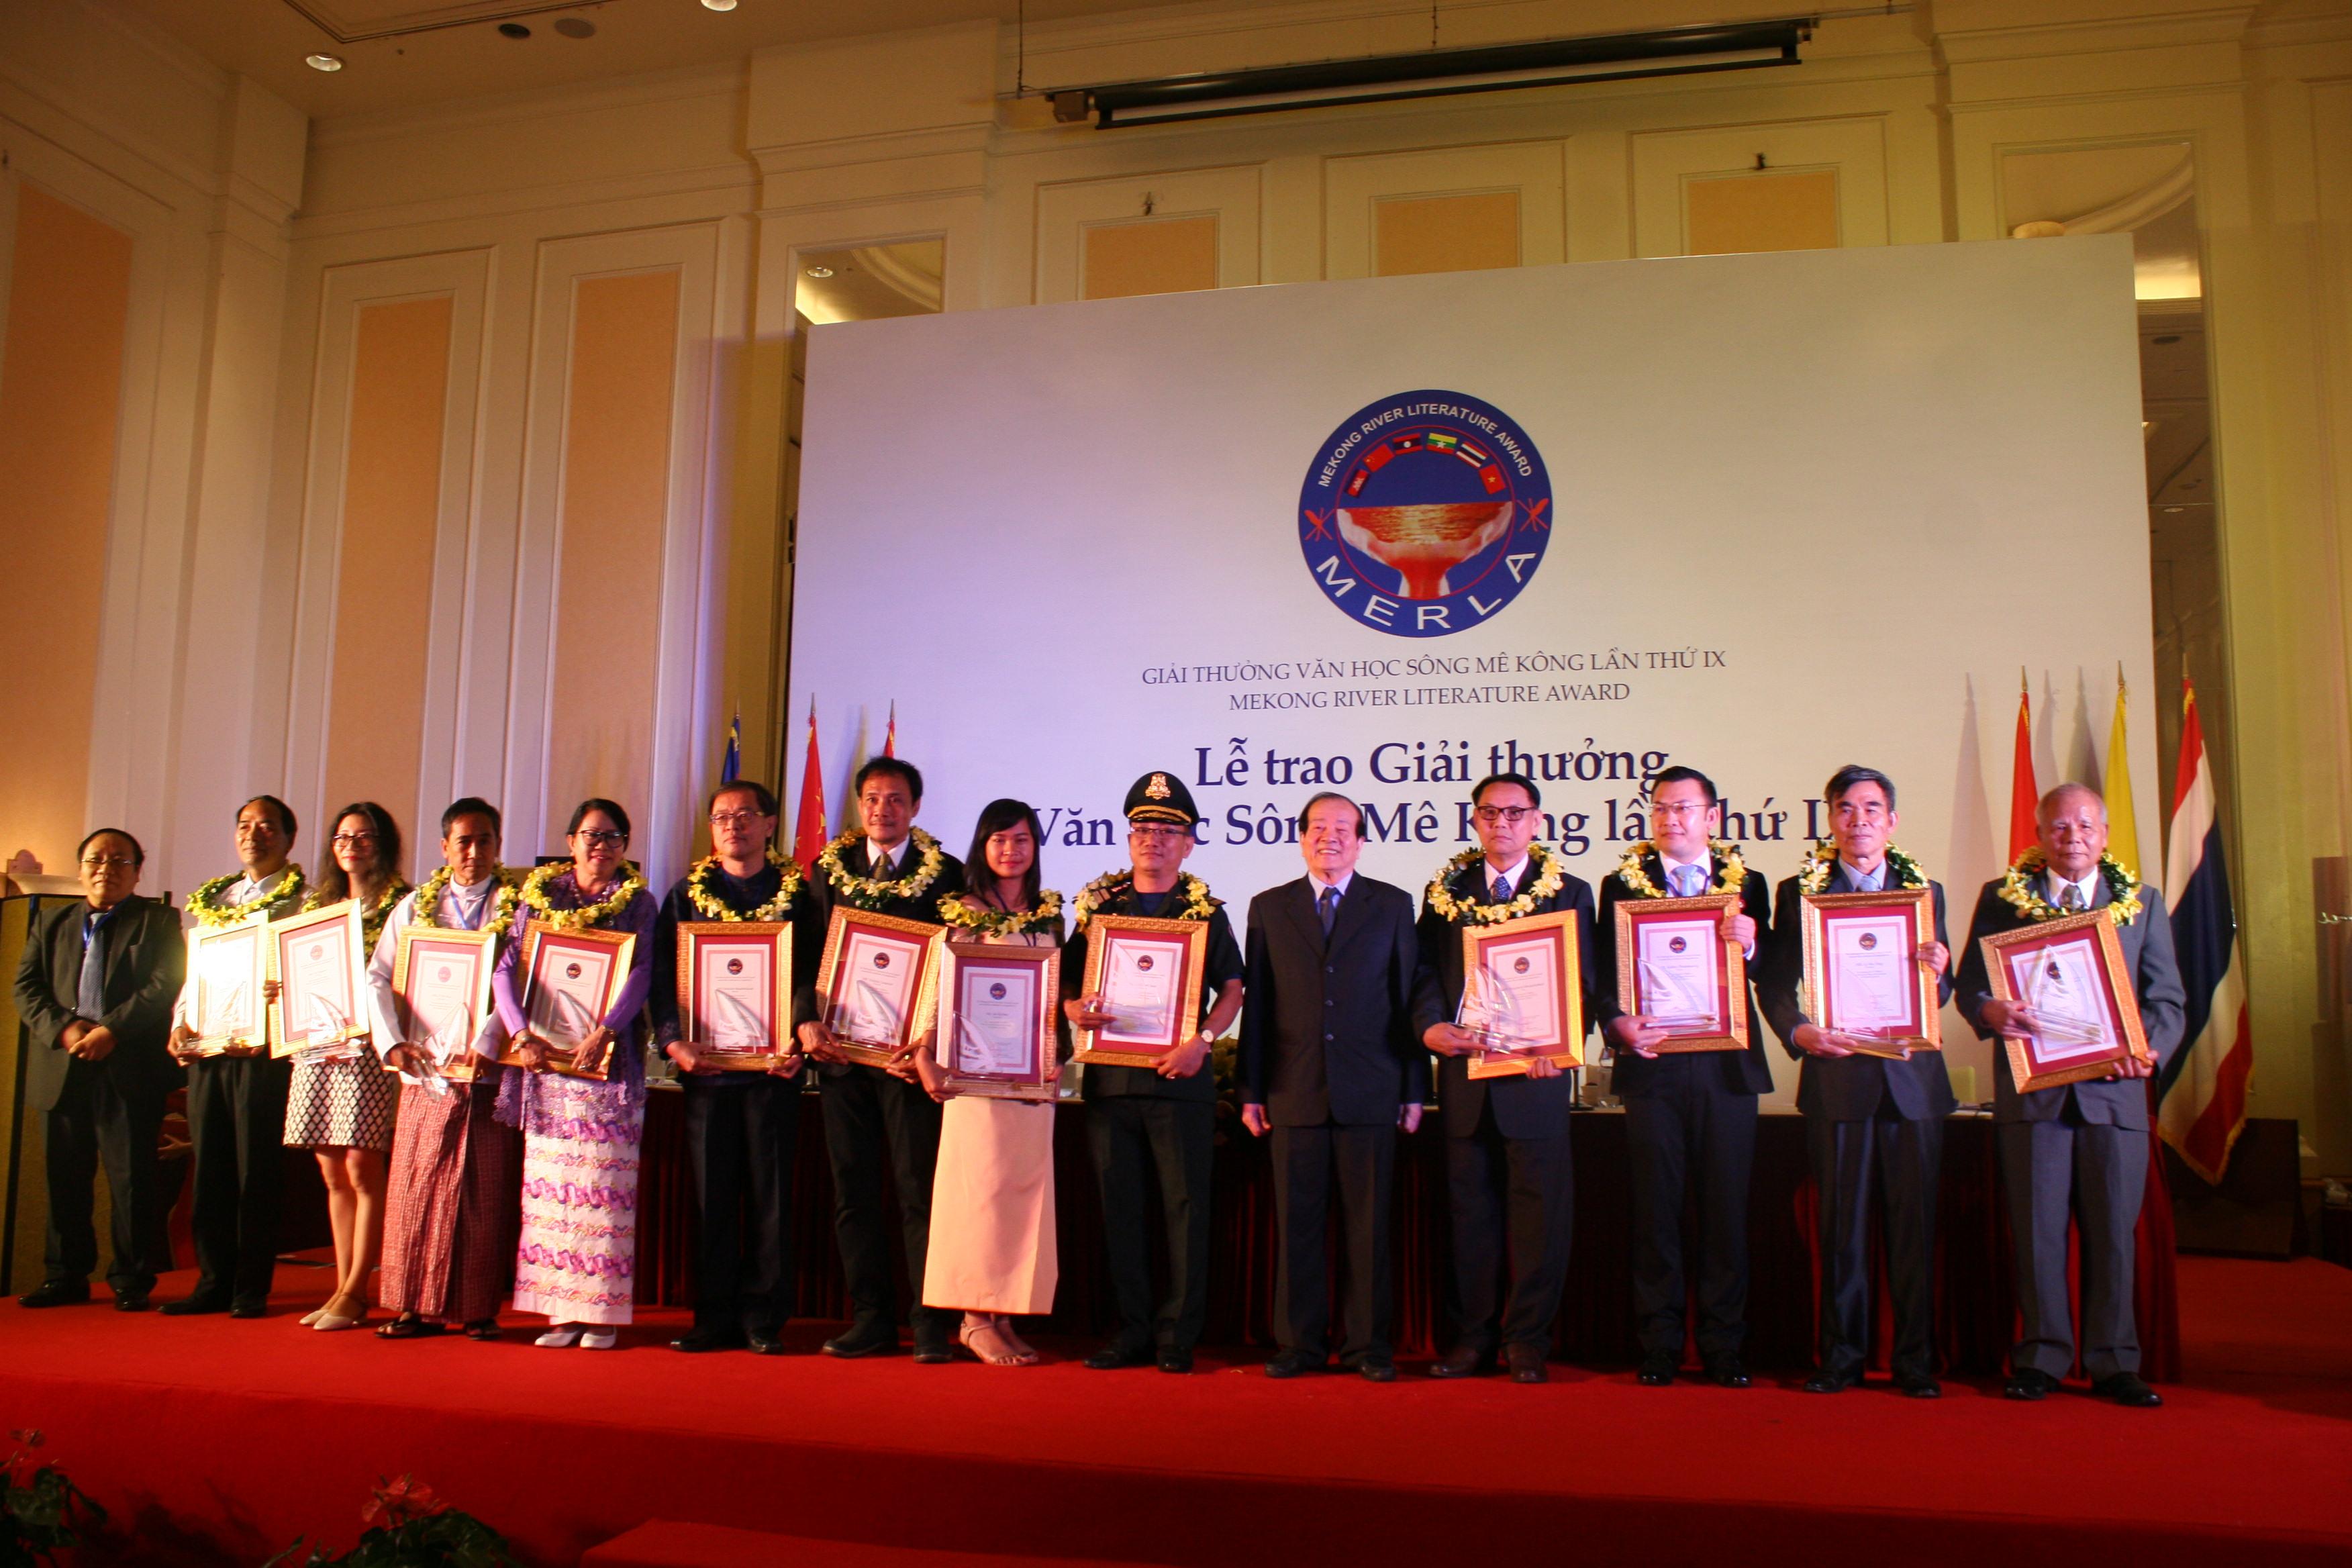 12个作品荣获第九届湄公河文学奖